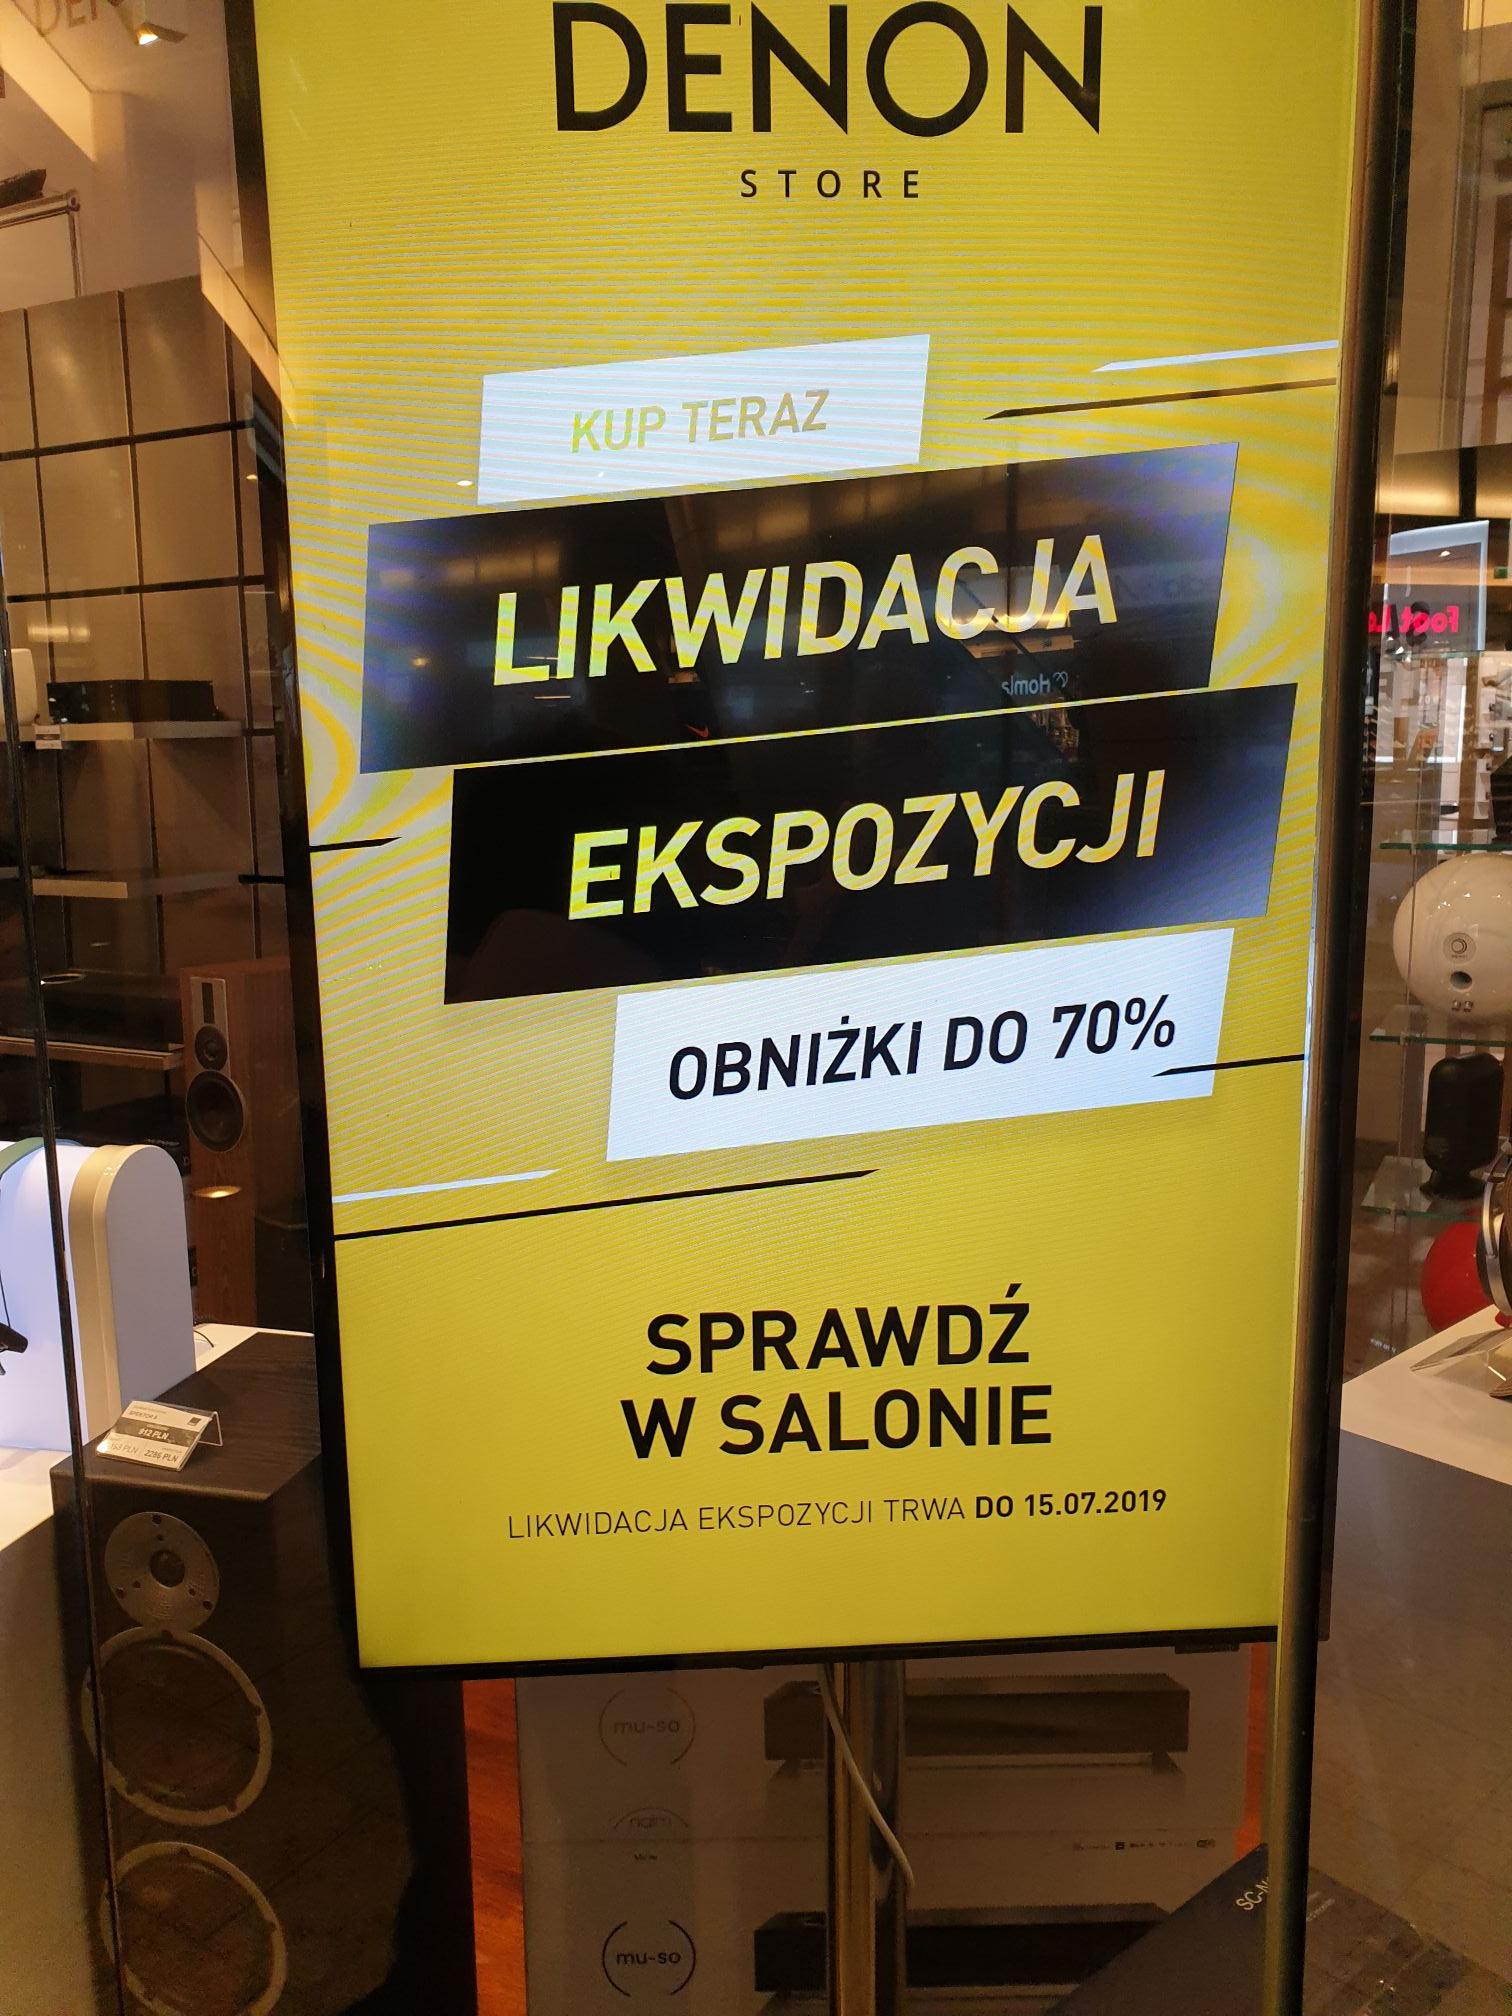 Likwidacja ekspozycji Denon do -70% w Złotych Tarasach